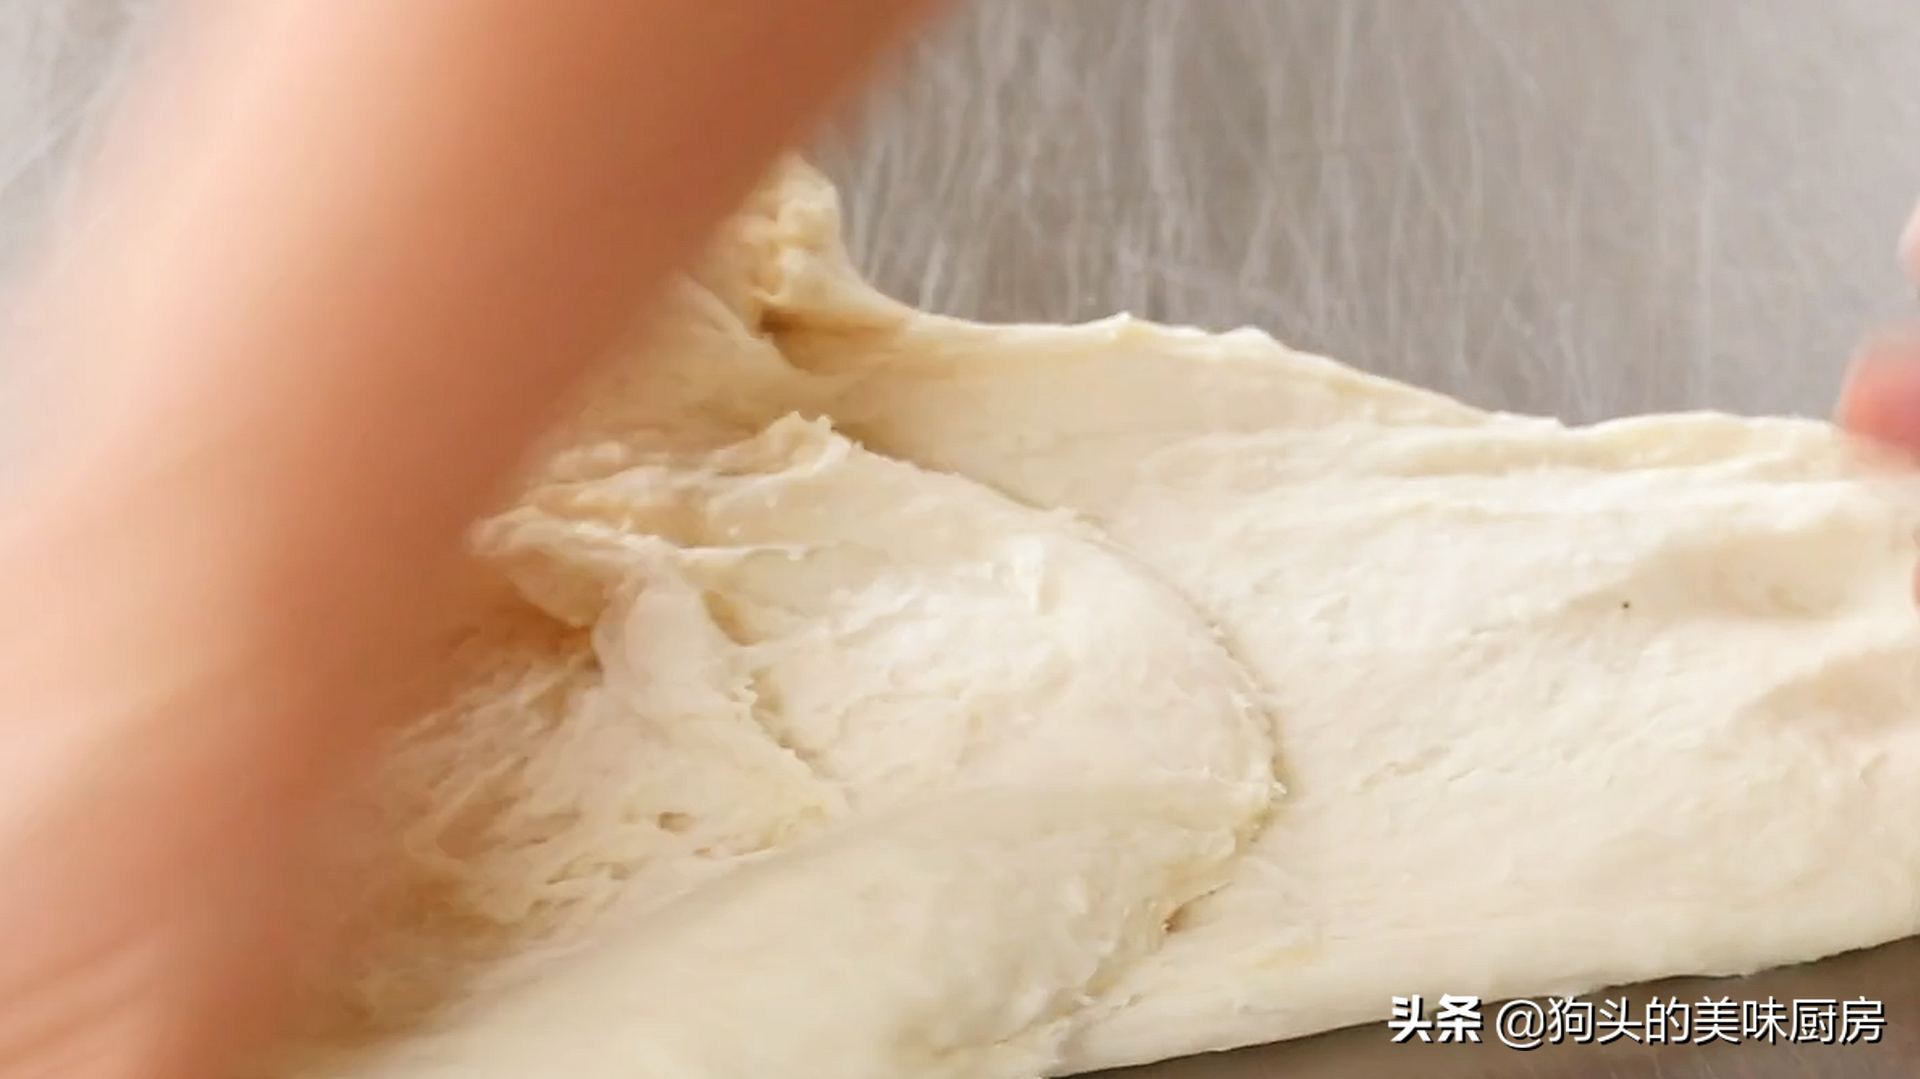 手把手教你在家做披薩,簡單易學,綿軟可口還拉絲,比買的還好吃